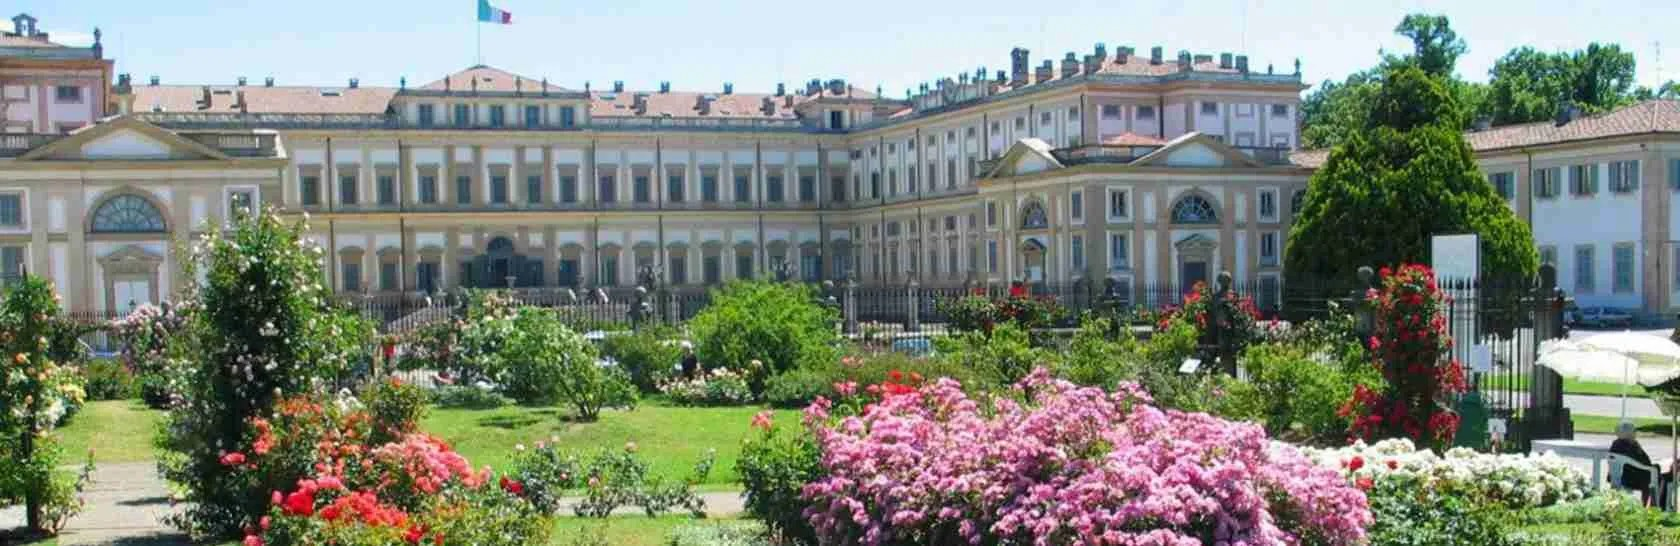 La Reggia di Monza e i suoi giardini in fiore sono ideali per una passeggiata con una escort Monza e Brianza.